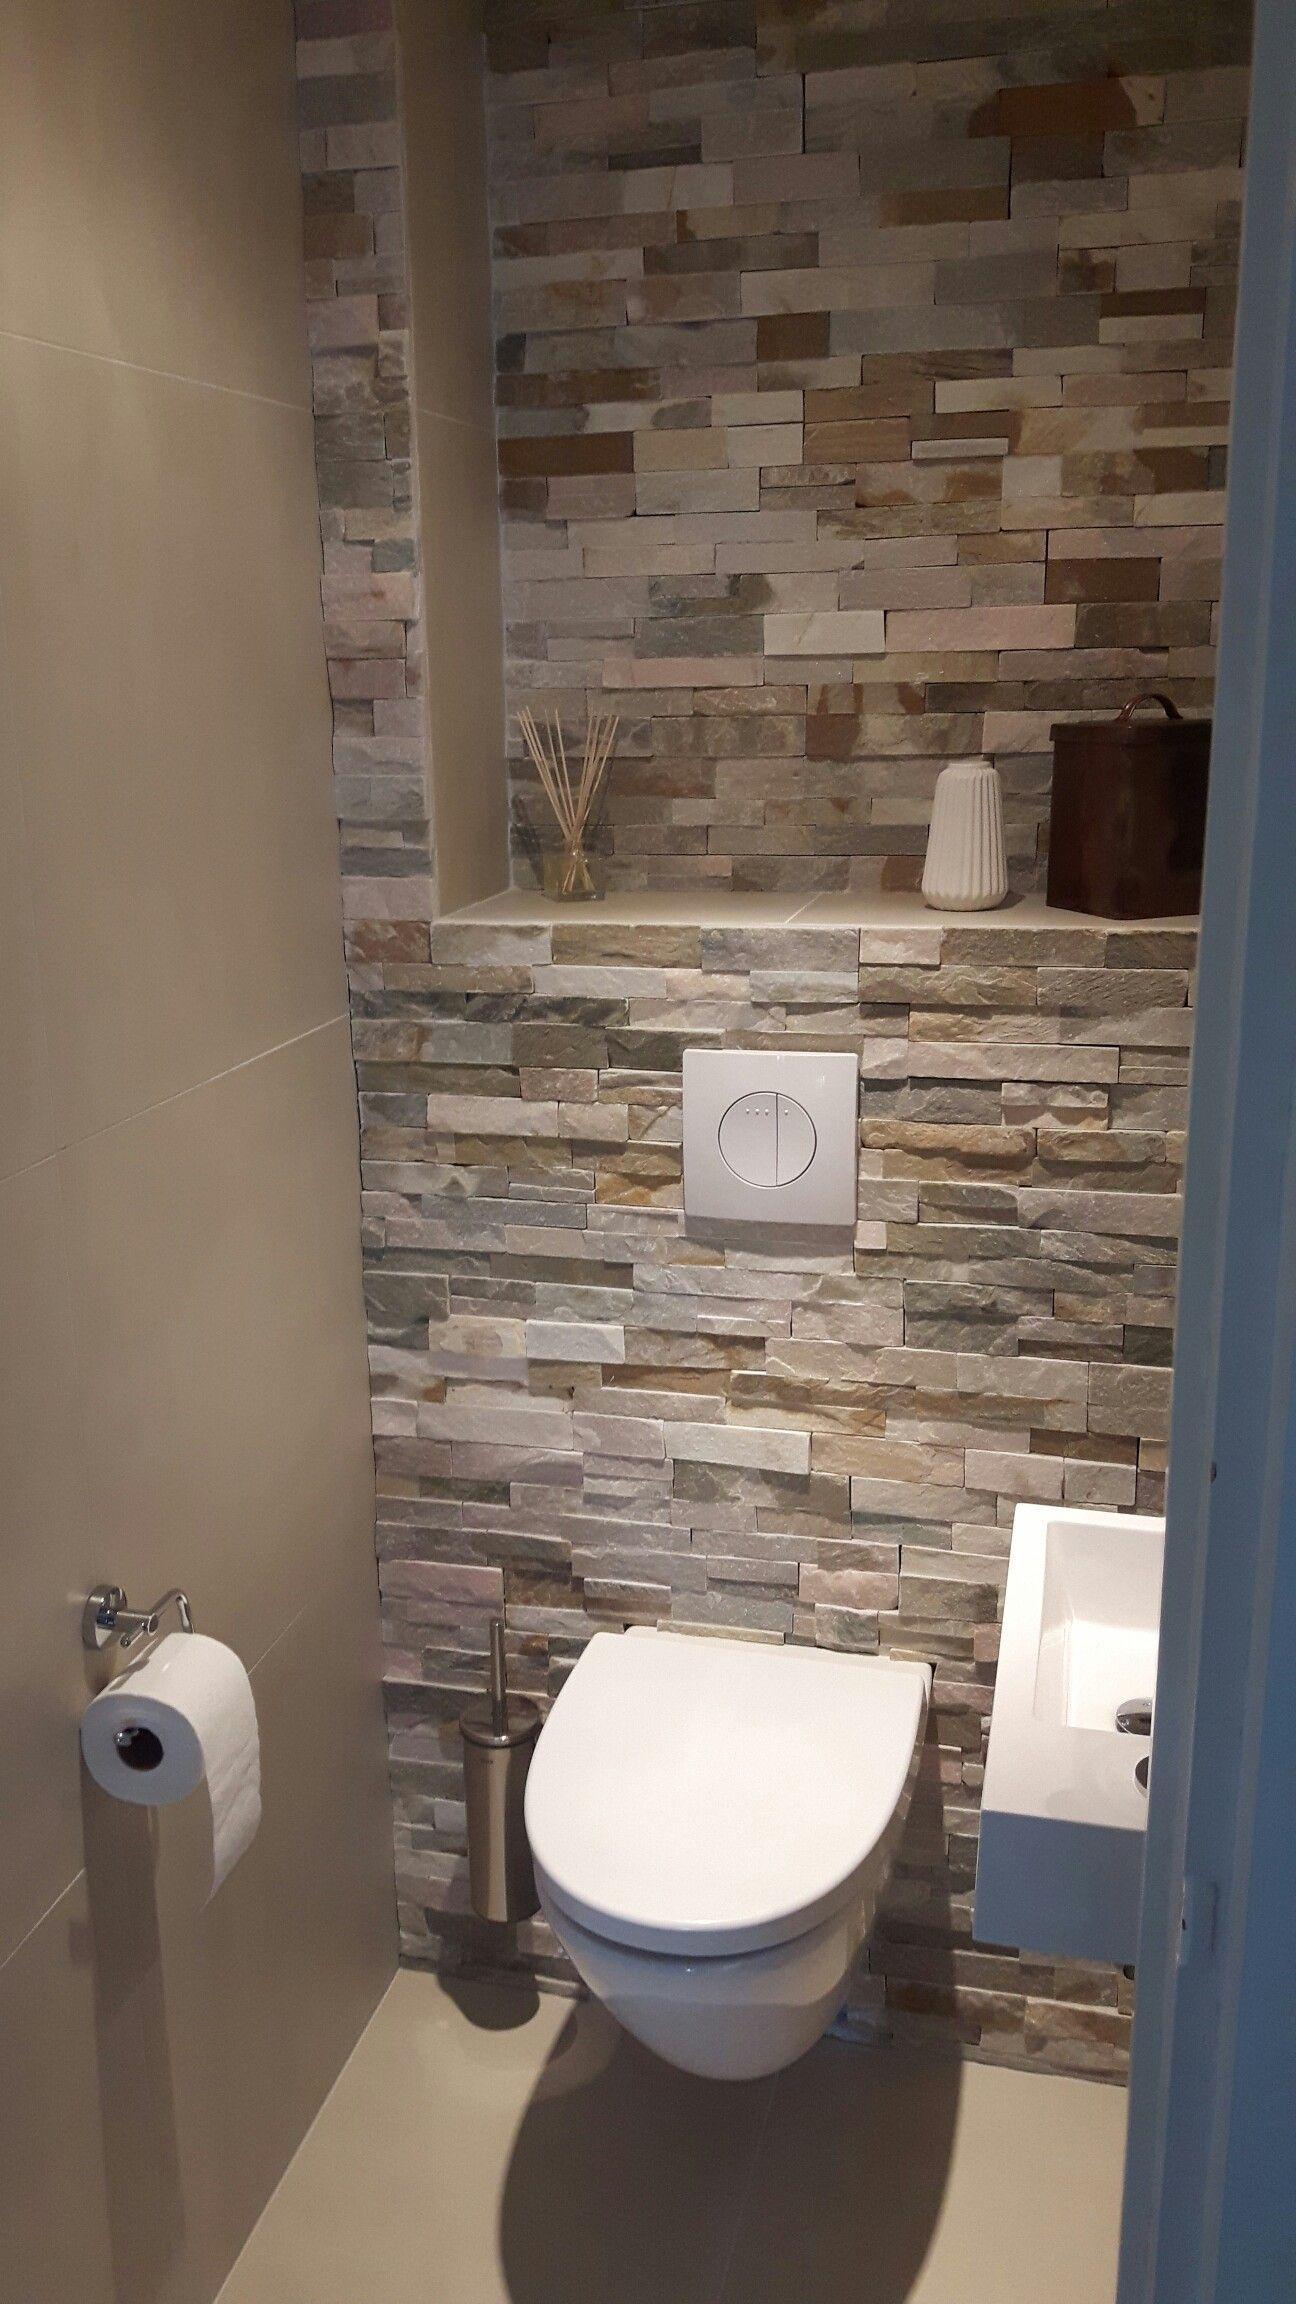 Kleines Bad Wc Ideen Toilette Design Badezimmer Trends Toiletten